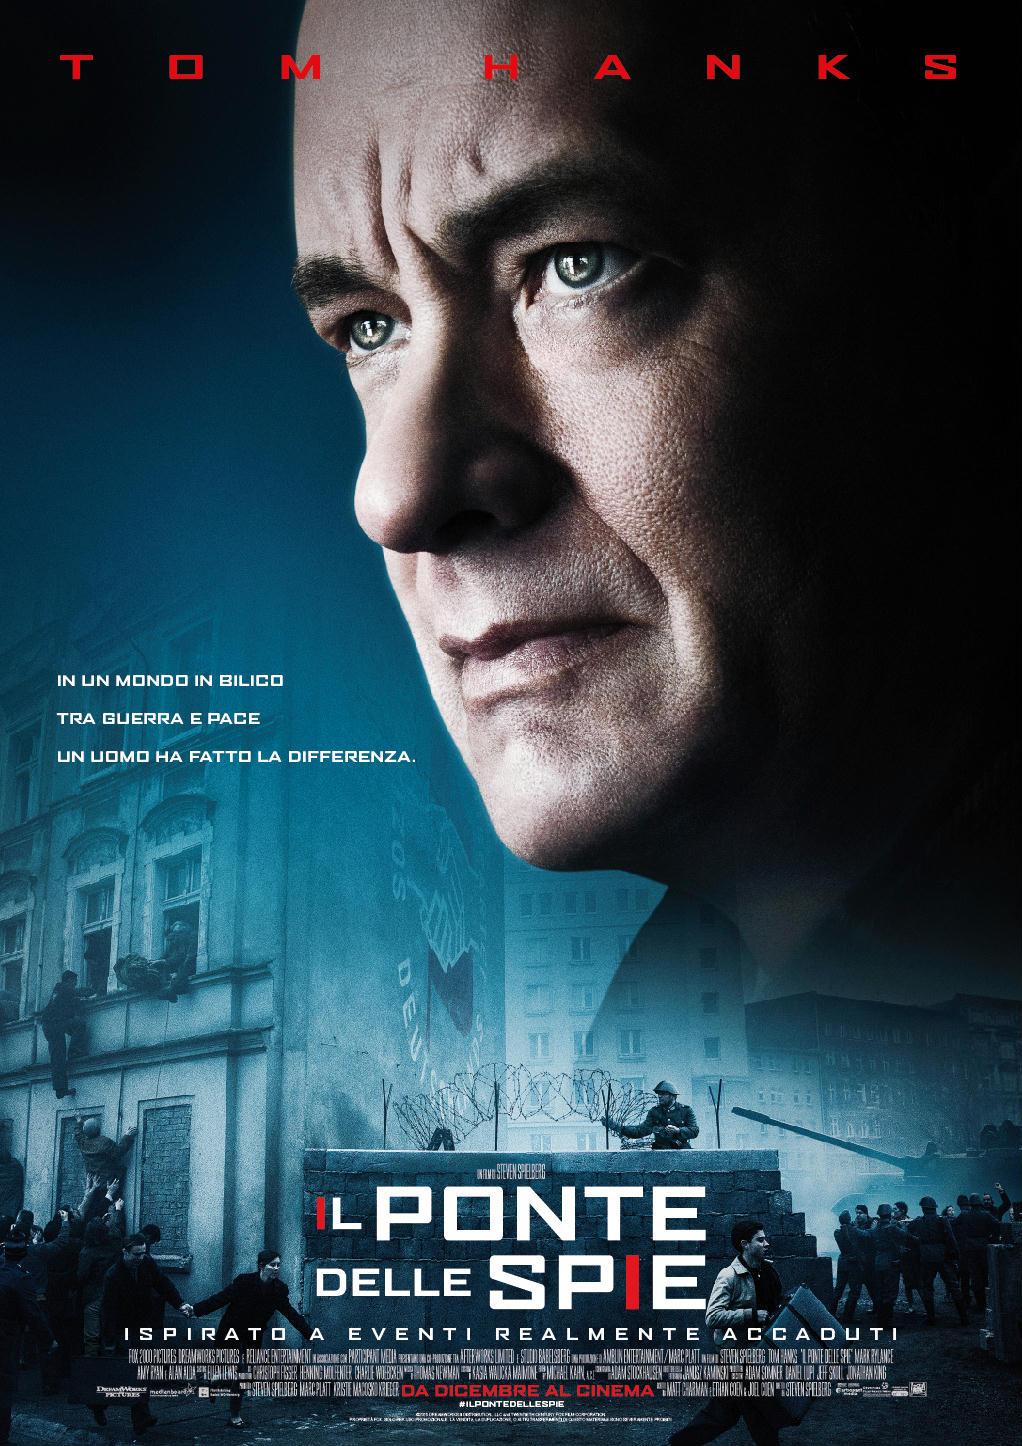 Il ponte delle spie (2015)